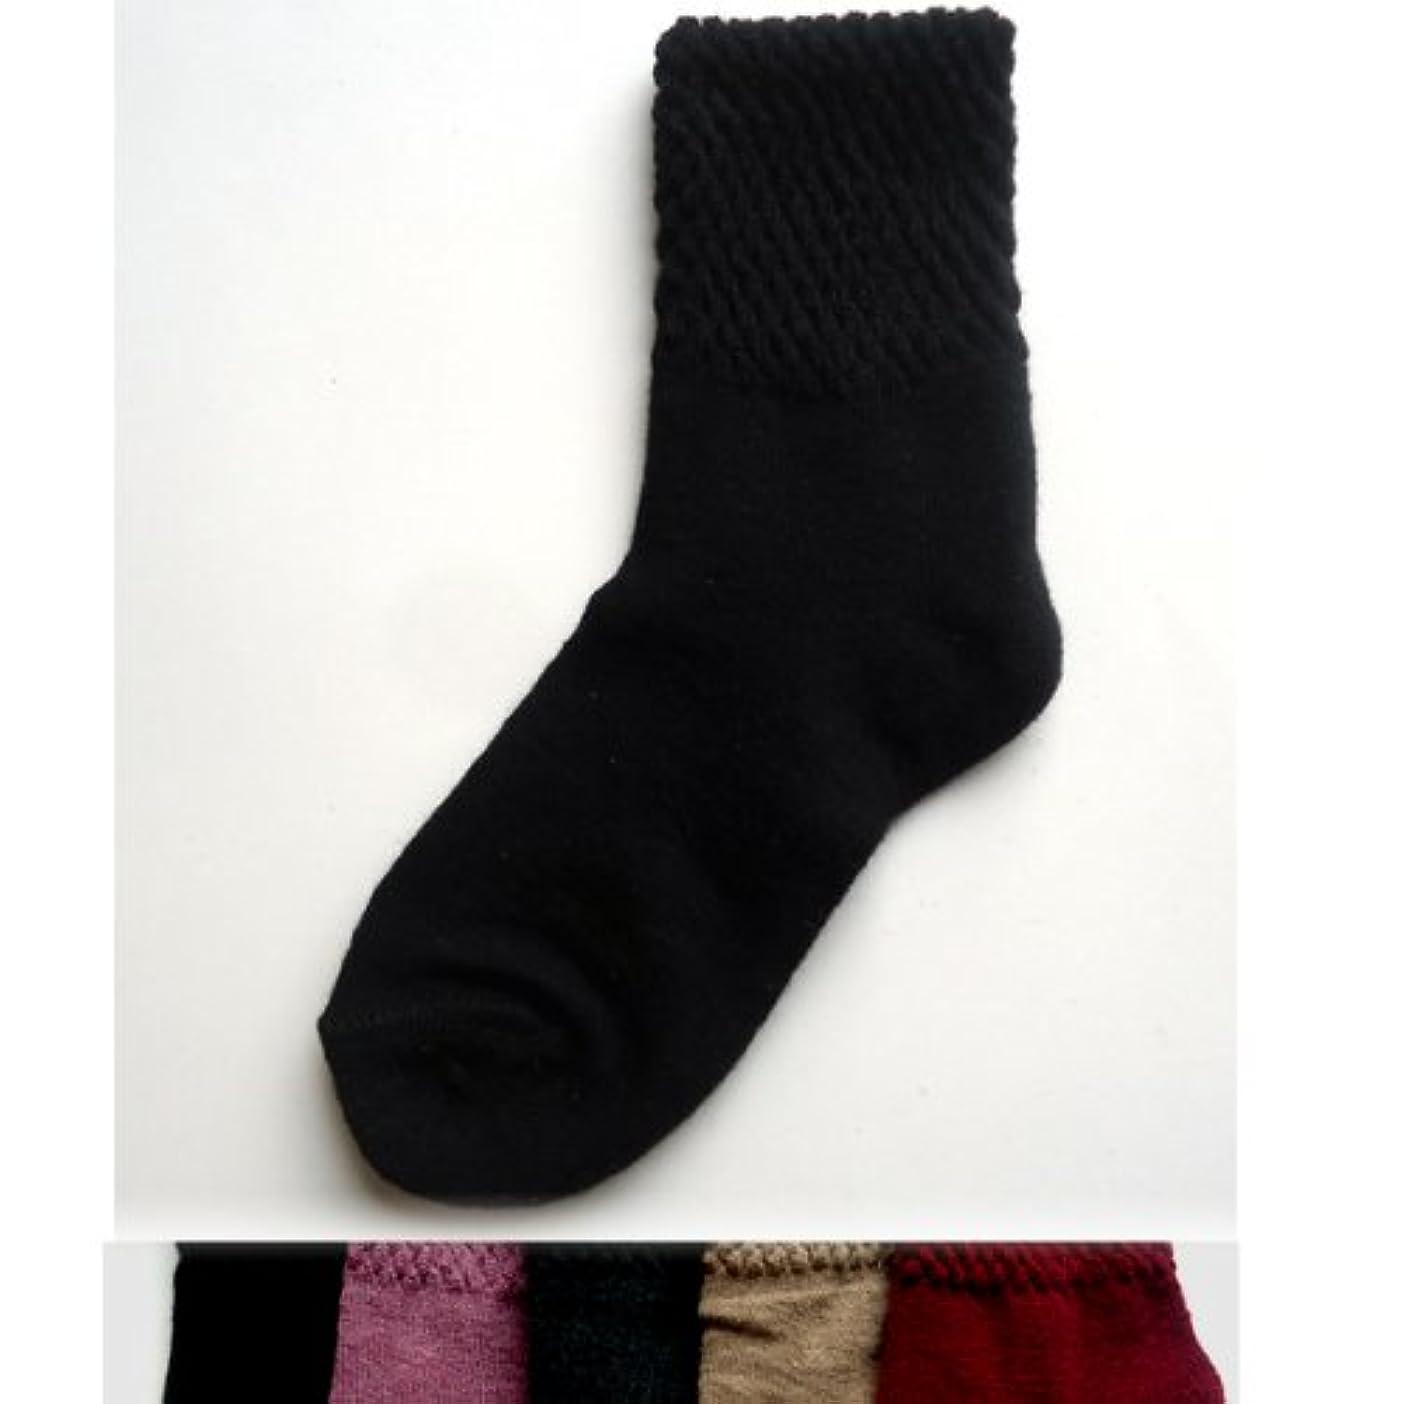 買う晩ごはん接続詞靴下 あったか シルク混 二重編みパイナップルソックス 厚手 22~24cm お買得4足組(色はお任せ)